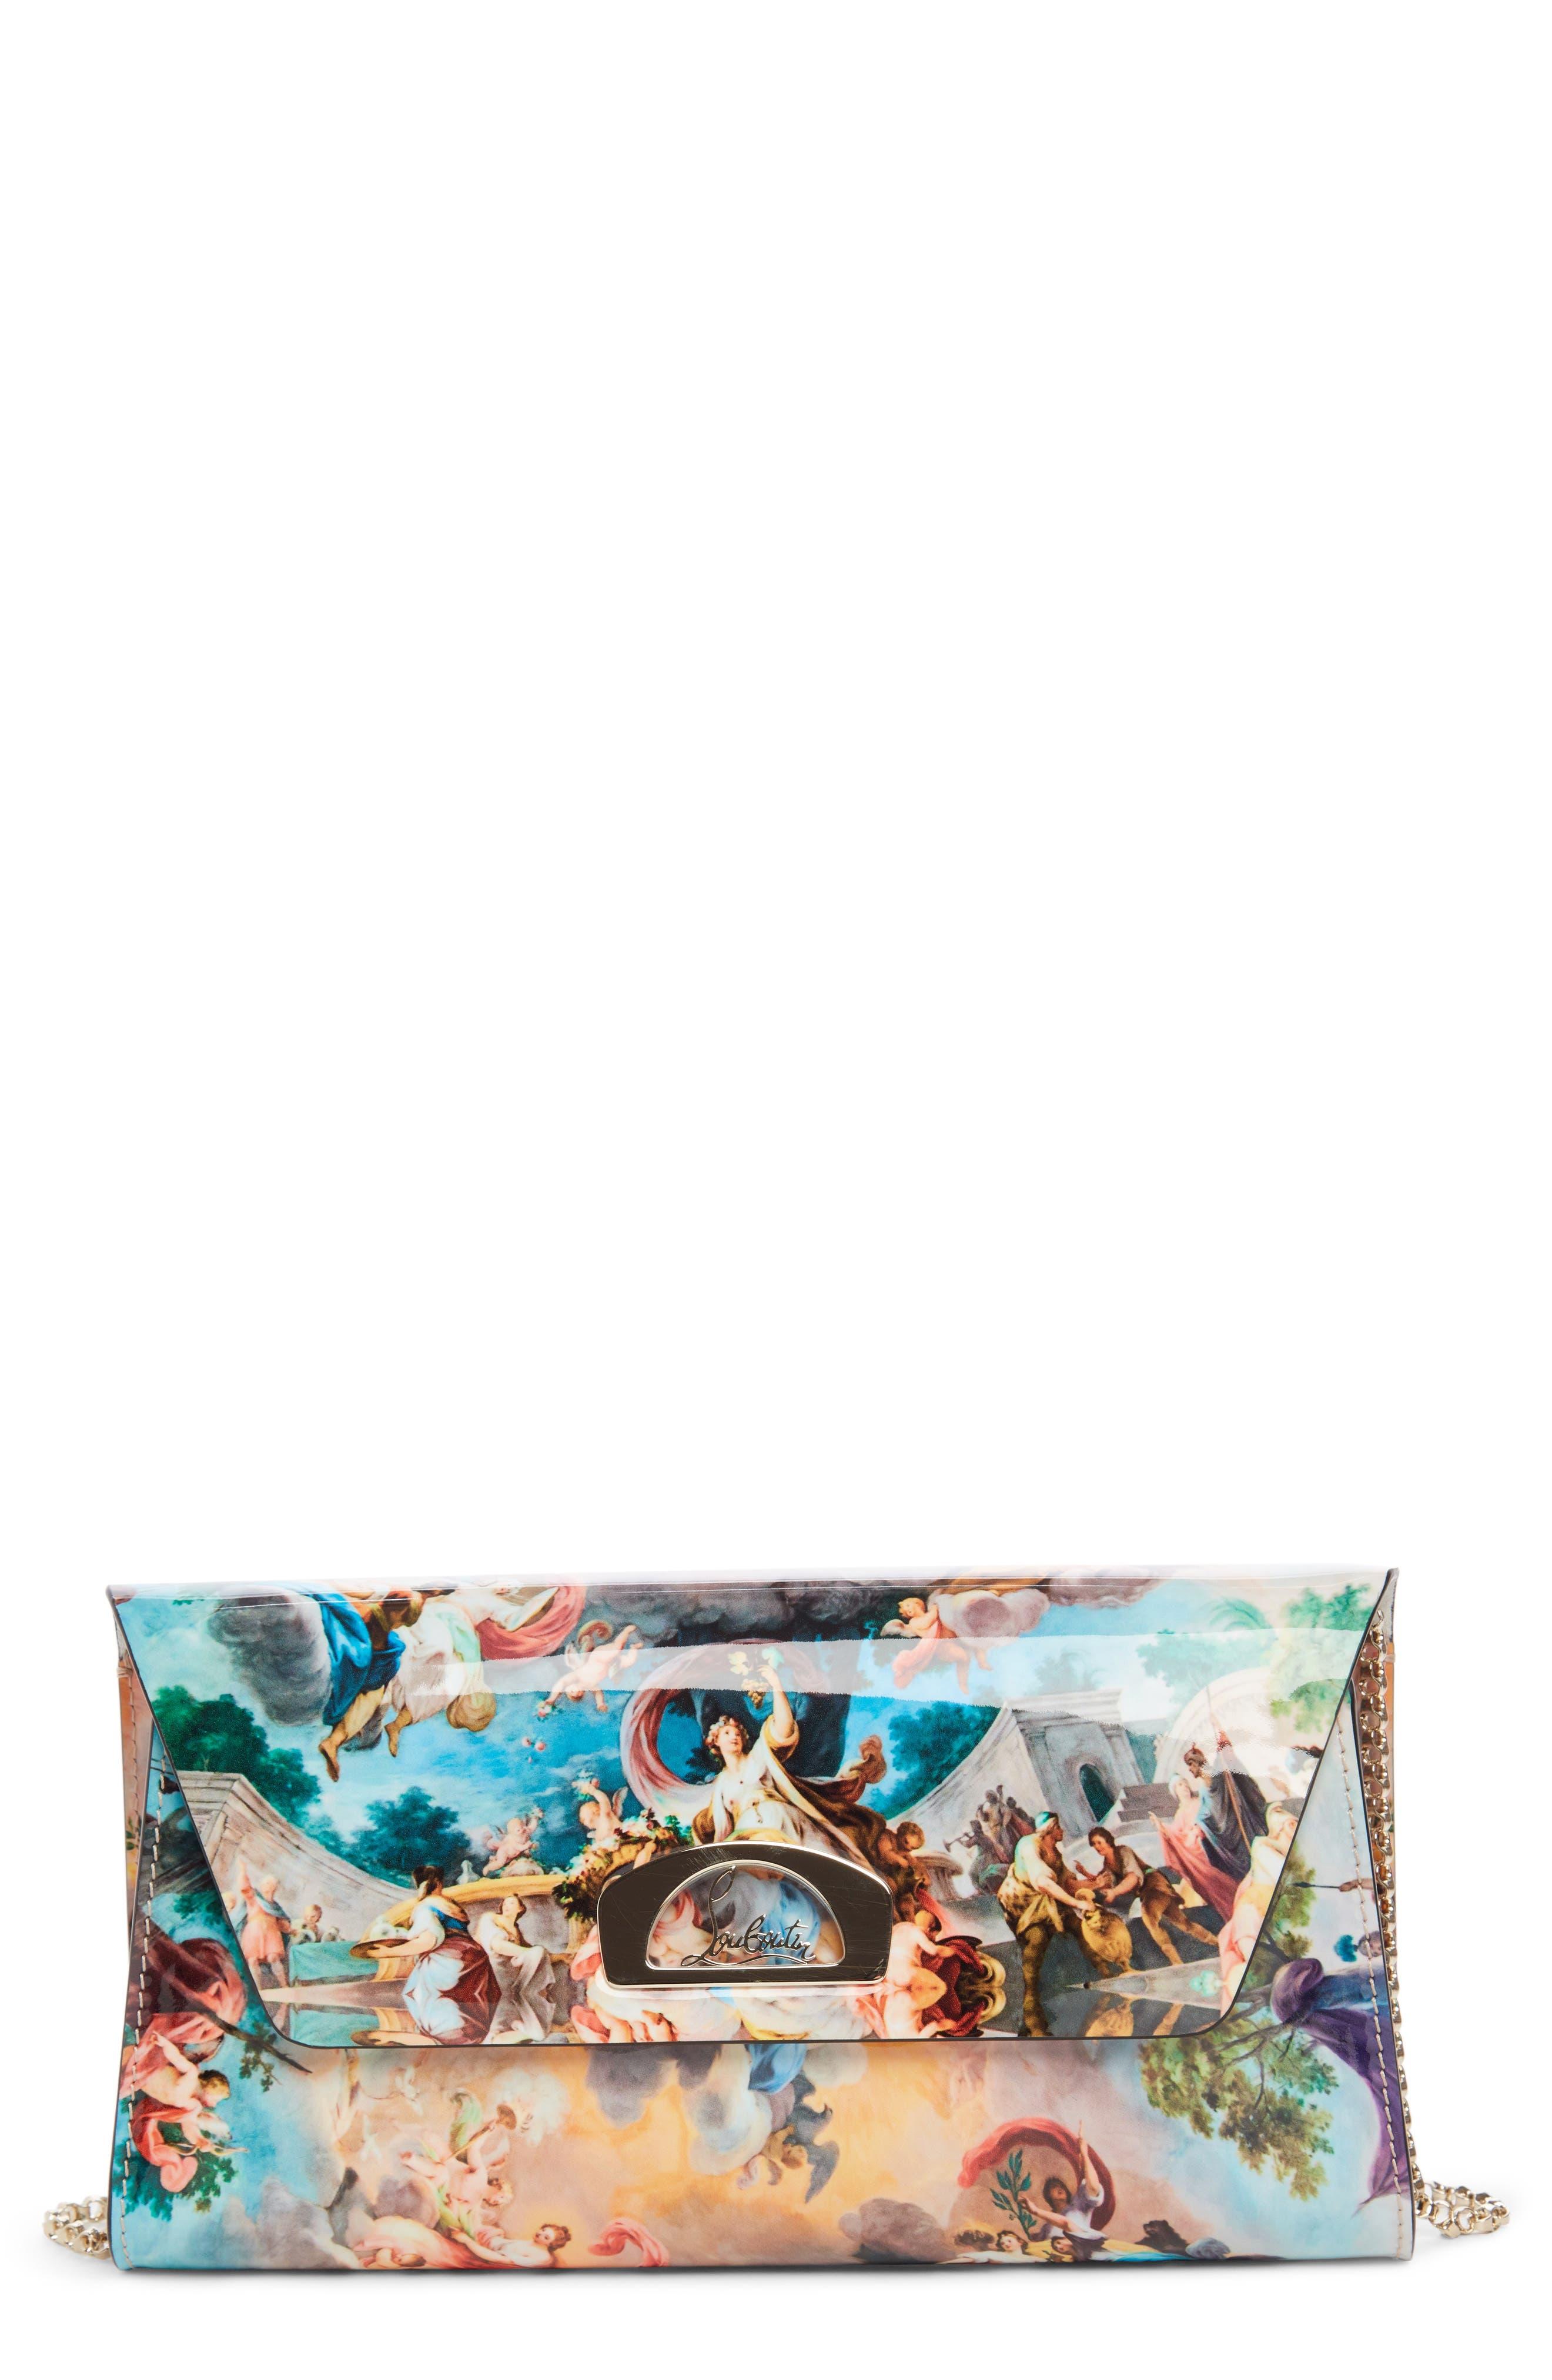 Vero Dodat Fresco Print Leather Clutch,                             Main thumbnail 1, color,                             400